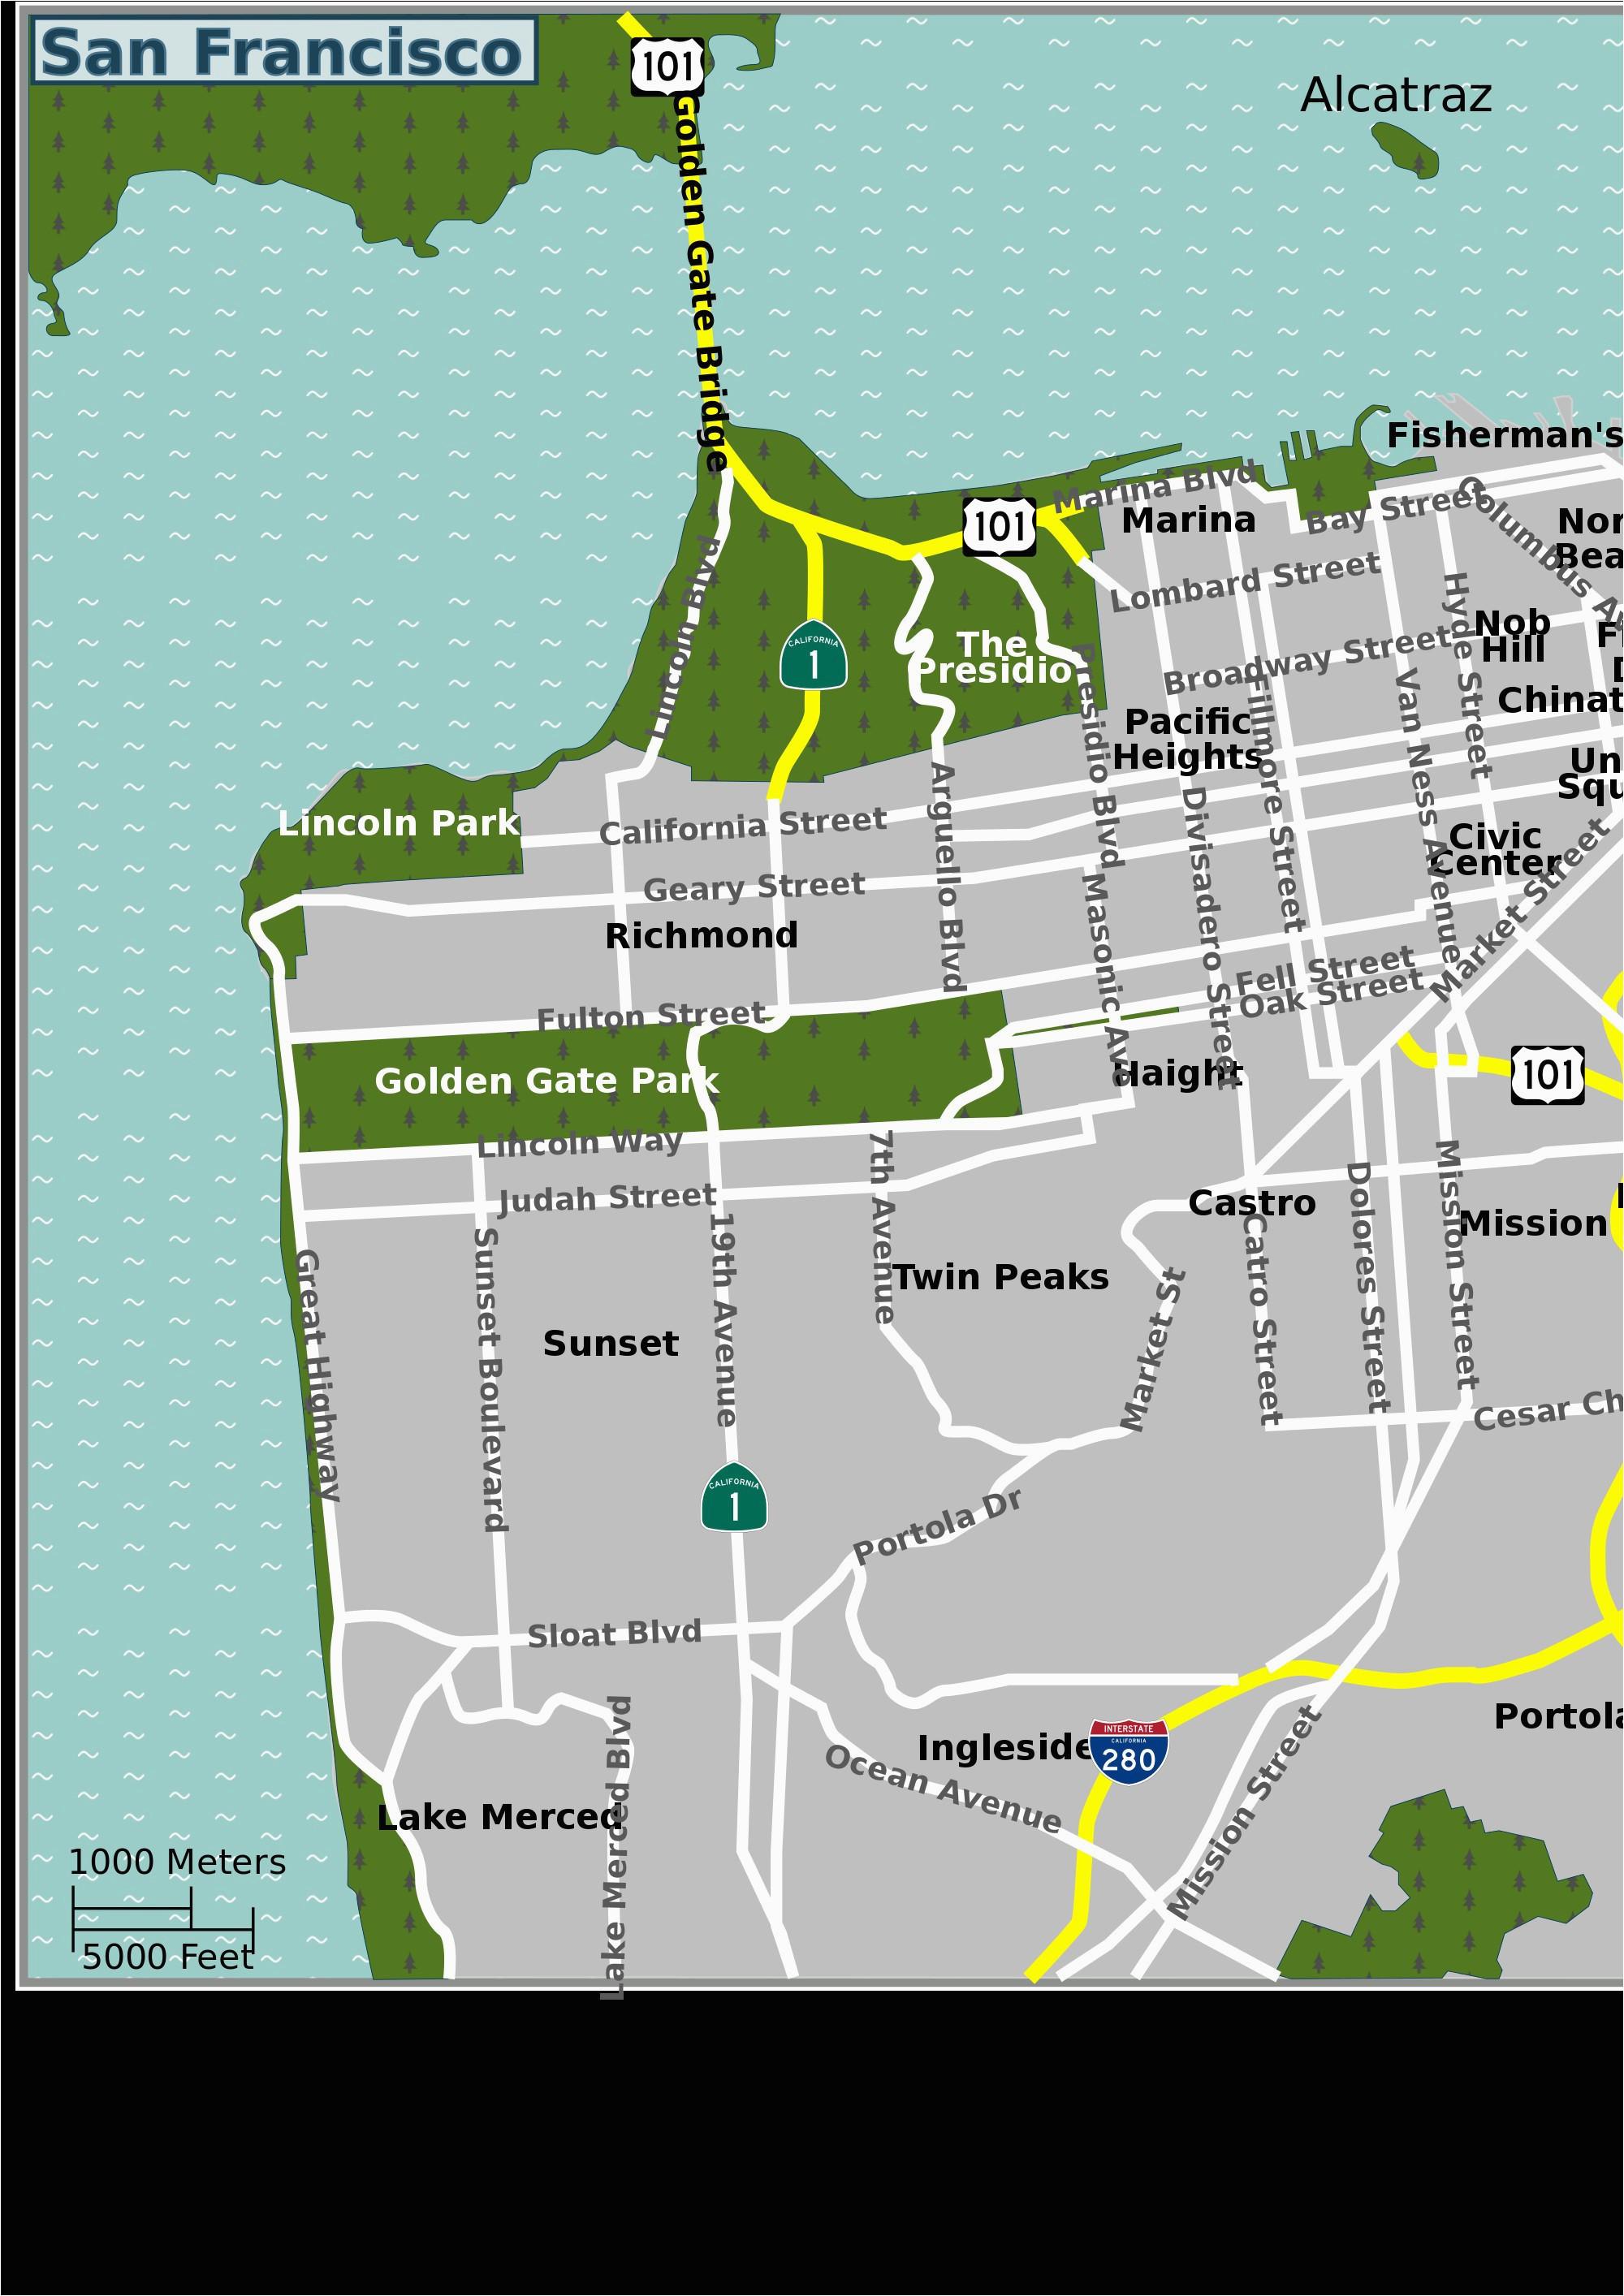 Sacramento California Map Google | secretmuseum on map of california, google maps usa states, google maps california coast,